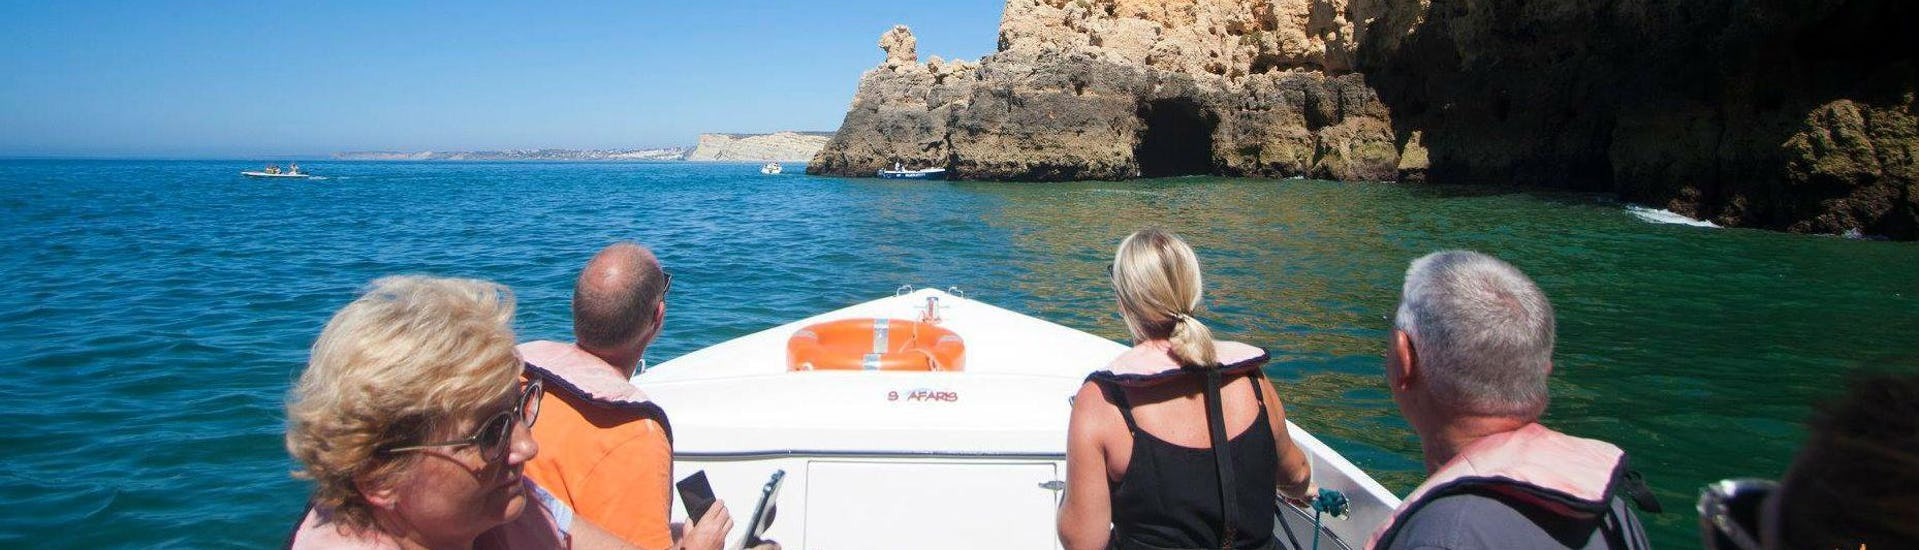 boat-tour-to-ponta-da-piedad-lagos-seafaris-hero